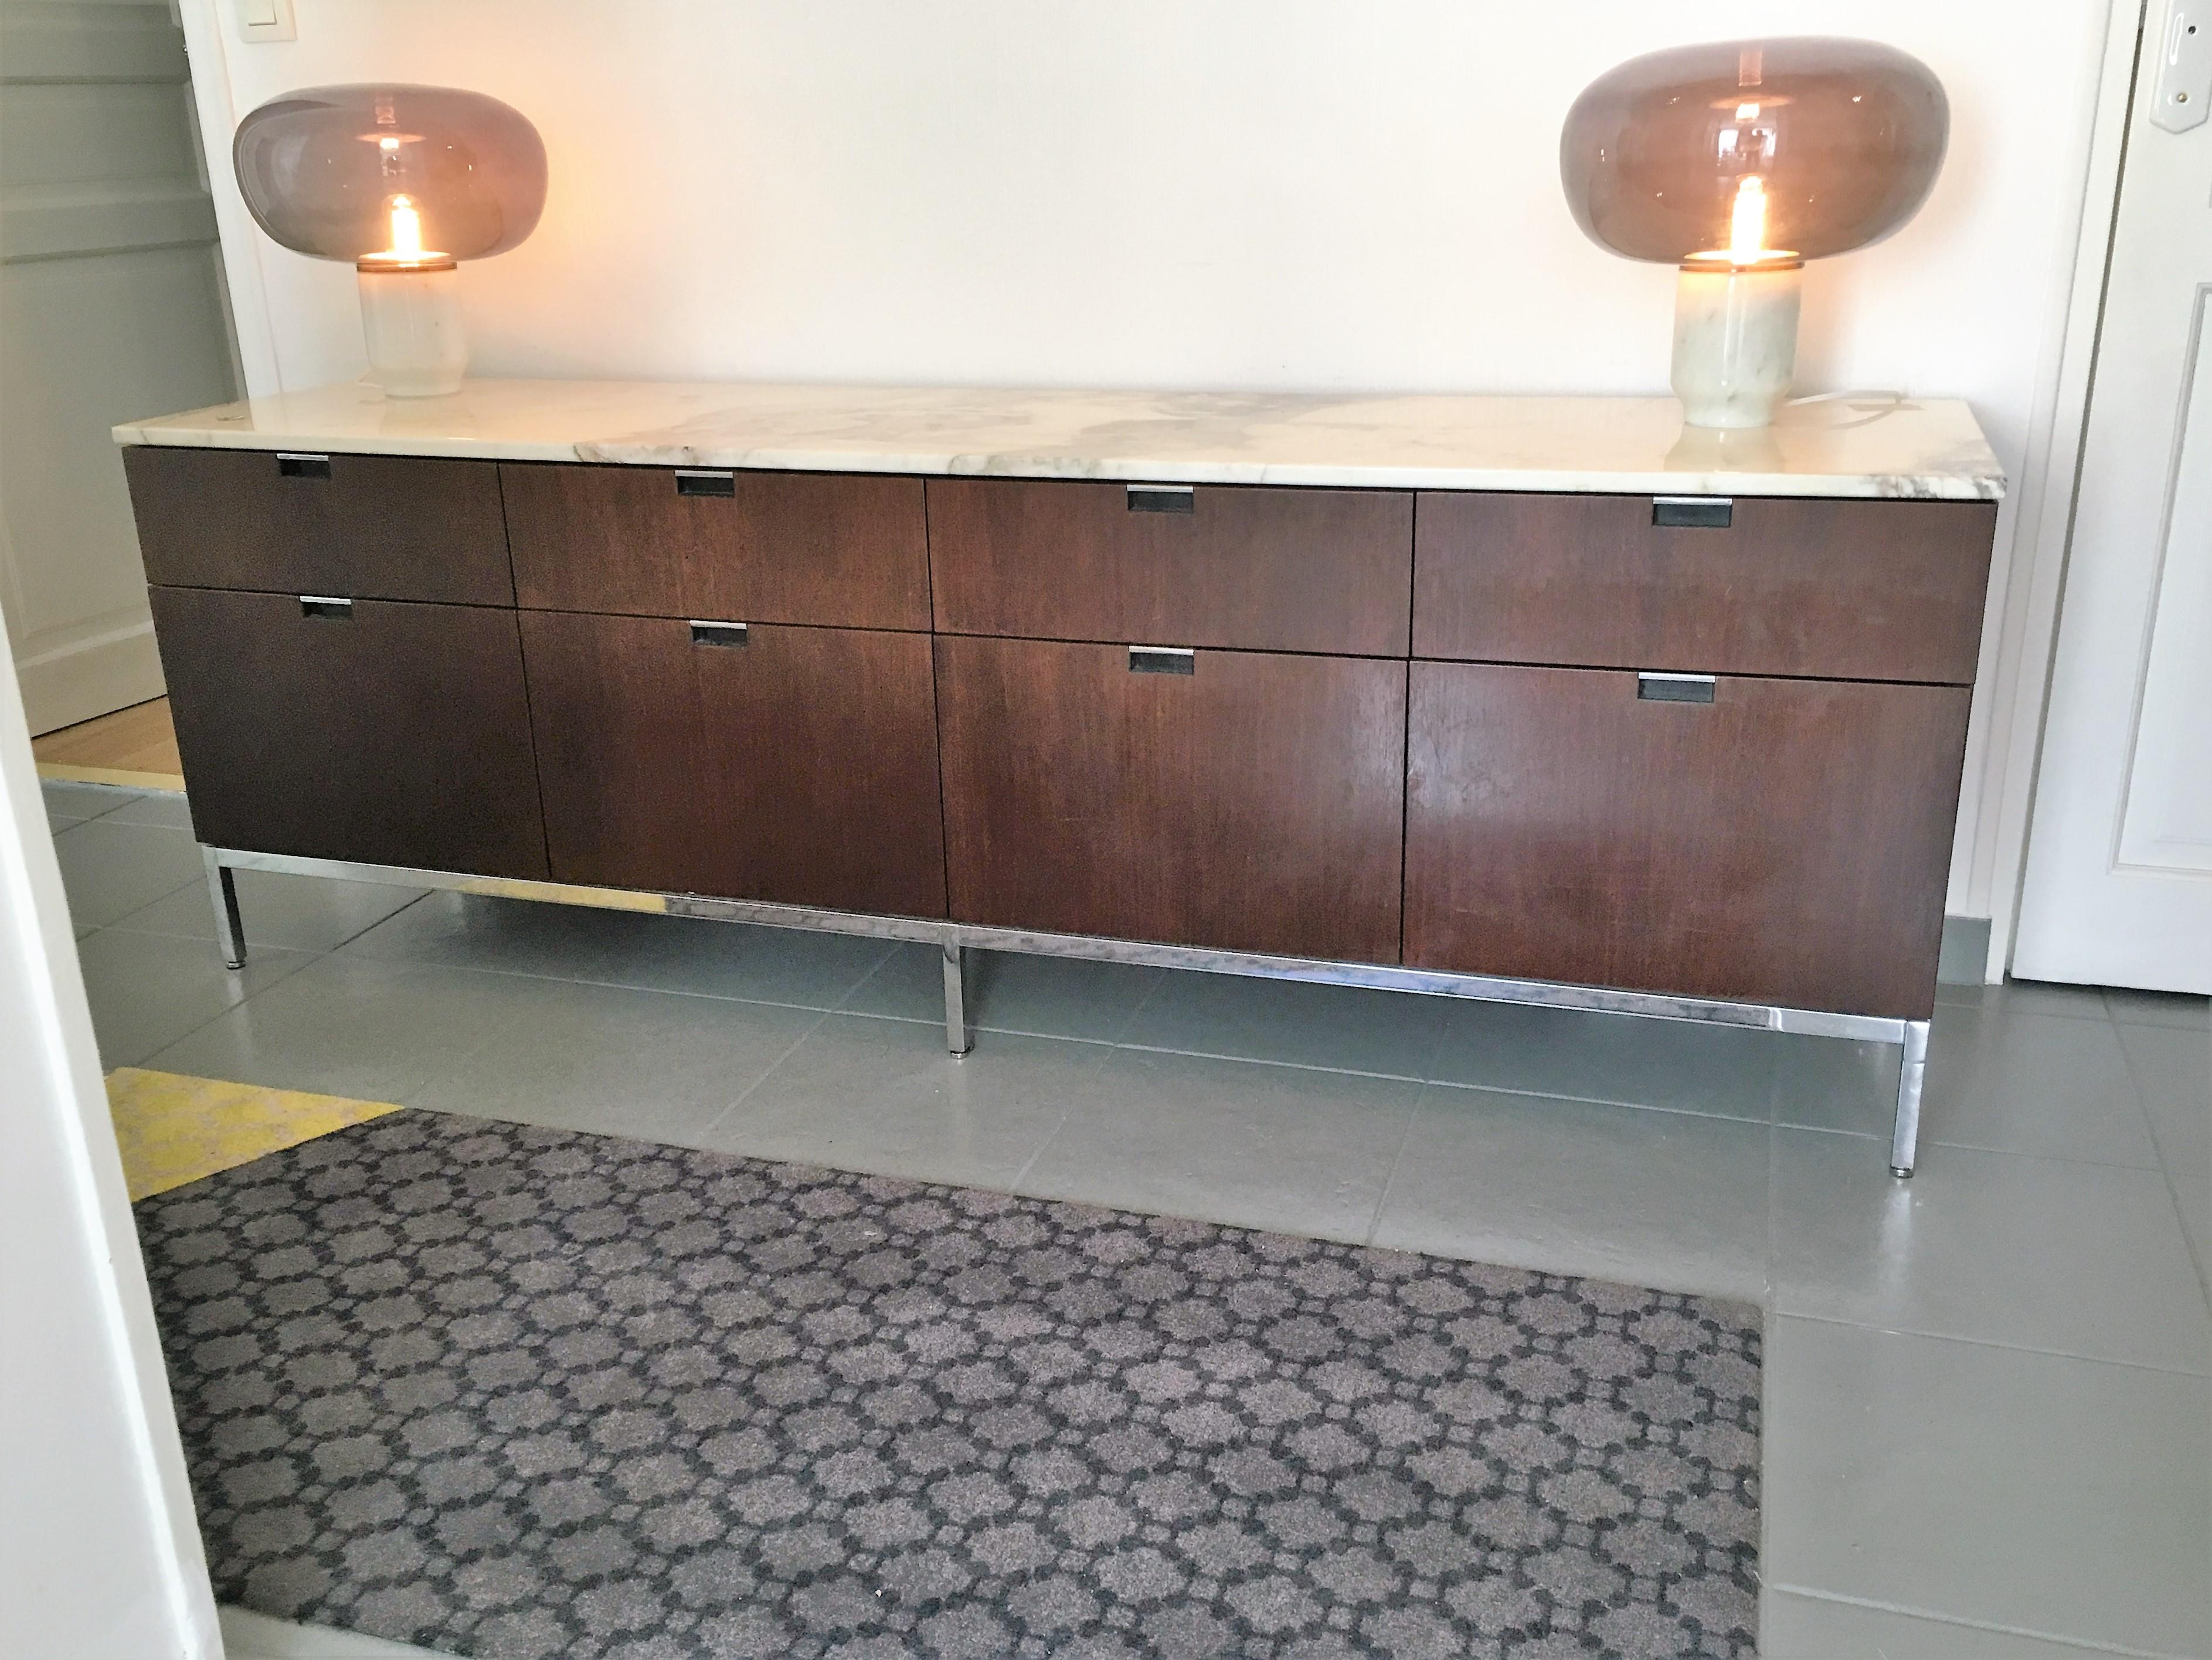 sideboard enfilade design florence knoll circa 1970 l 39 atelier 50 boutique vintage achat et. Black Bedroom Furniture Sets. Home Design Ideas